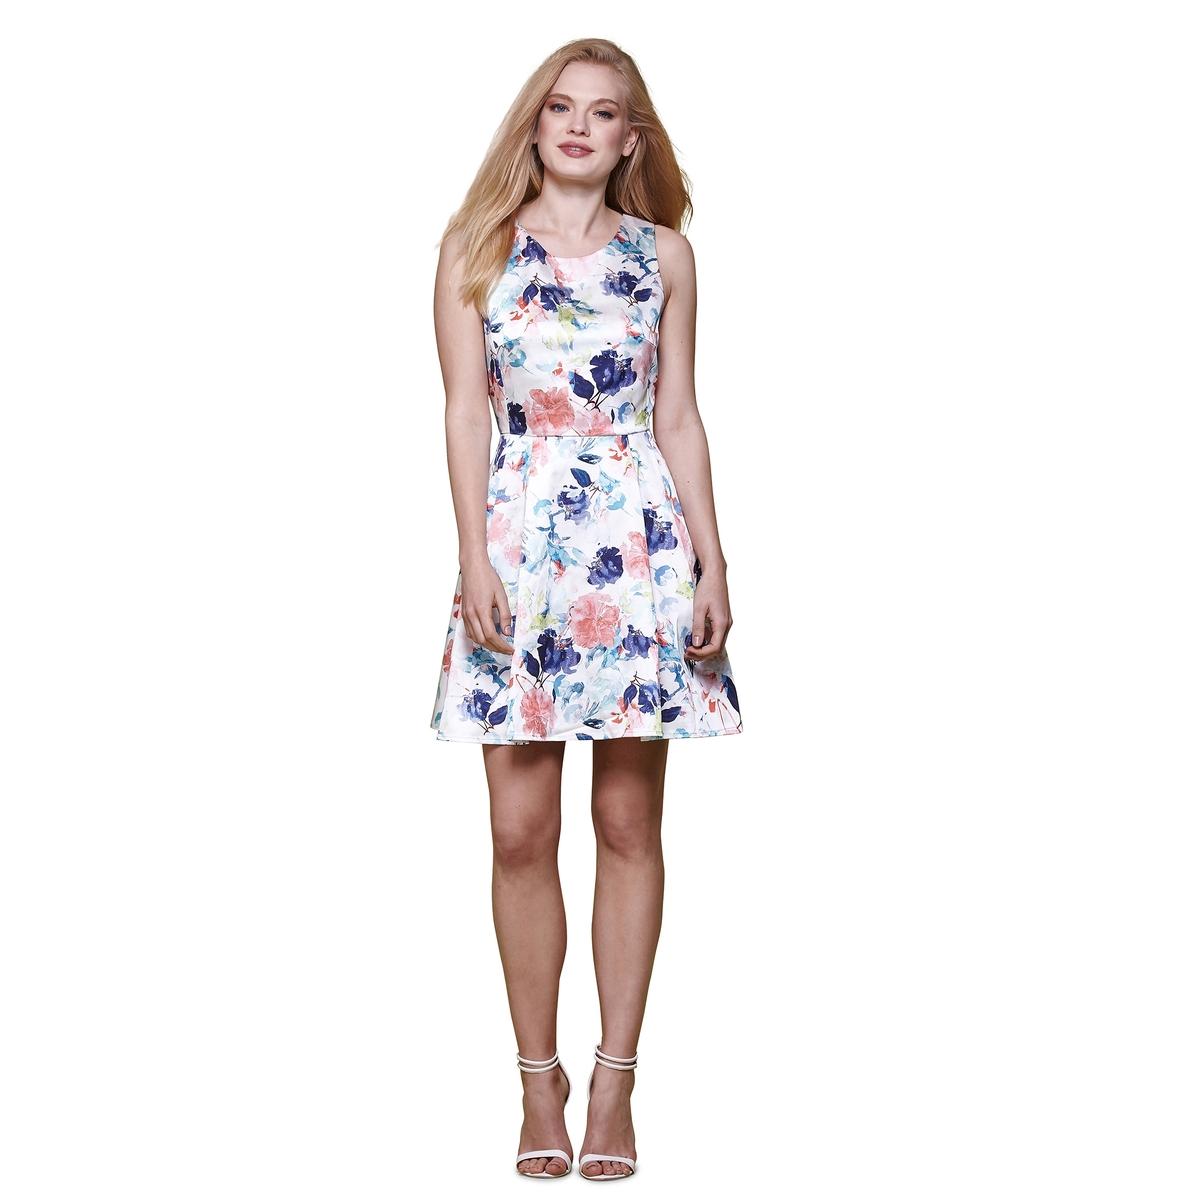 Платье без рукавов с цветочным рисункомМатериал : 23% хлопка, 2% эластана, 75% полиэстера   Длина рукава : без рукавов   Форма воротника : круглый вырез  Покрой платья : расклешенное платье  Рисунок : цветочный    Длина платья : до колен<br><br>Цвет: синий/ розовый